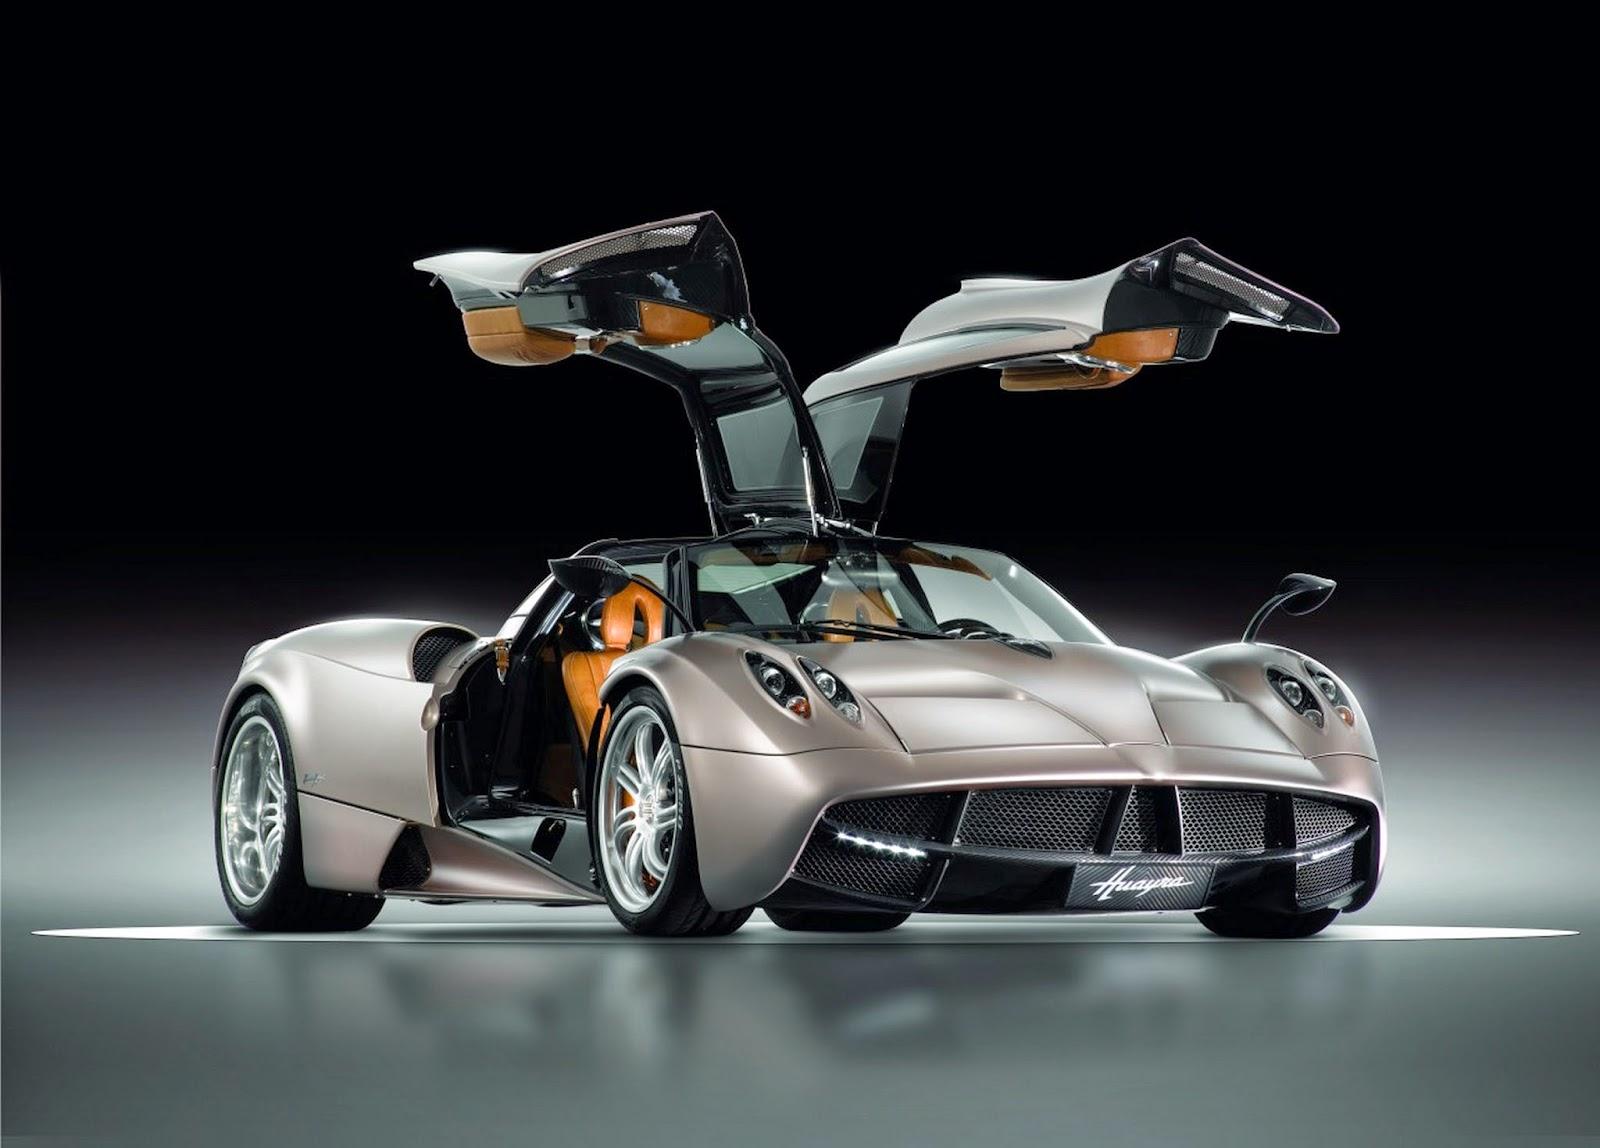 pagani huyra Τα 10 ακριβότερα αυτοκίνητα στον κόσμο hypercar, supercars